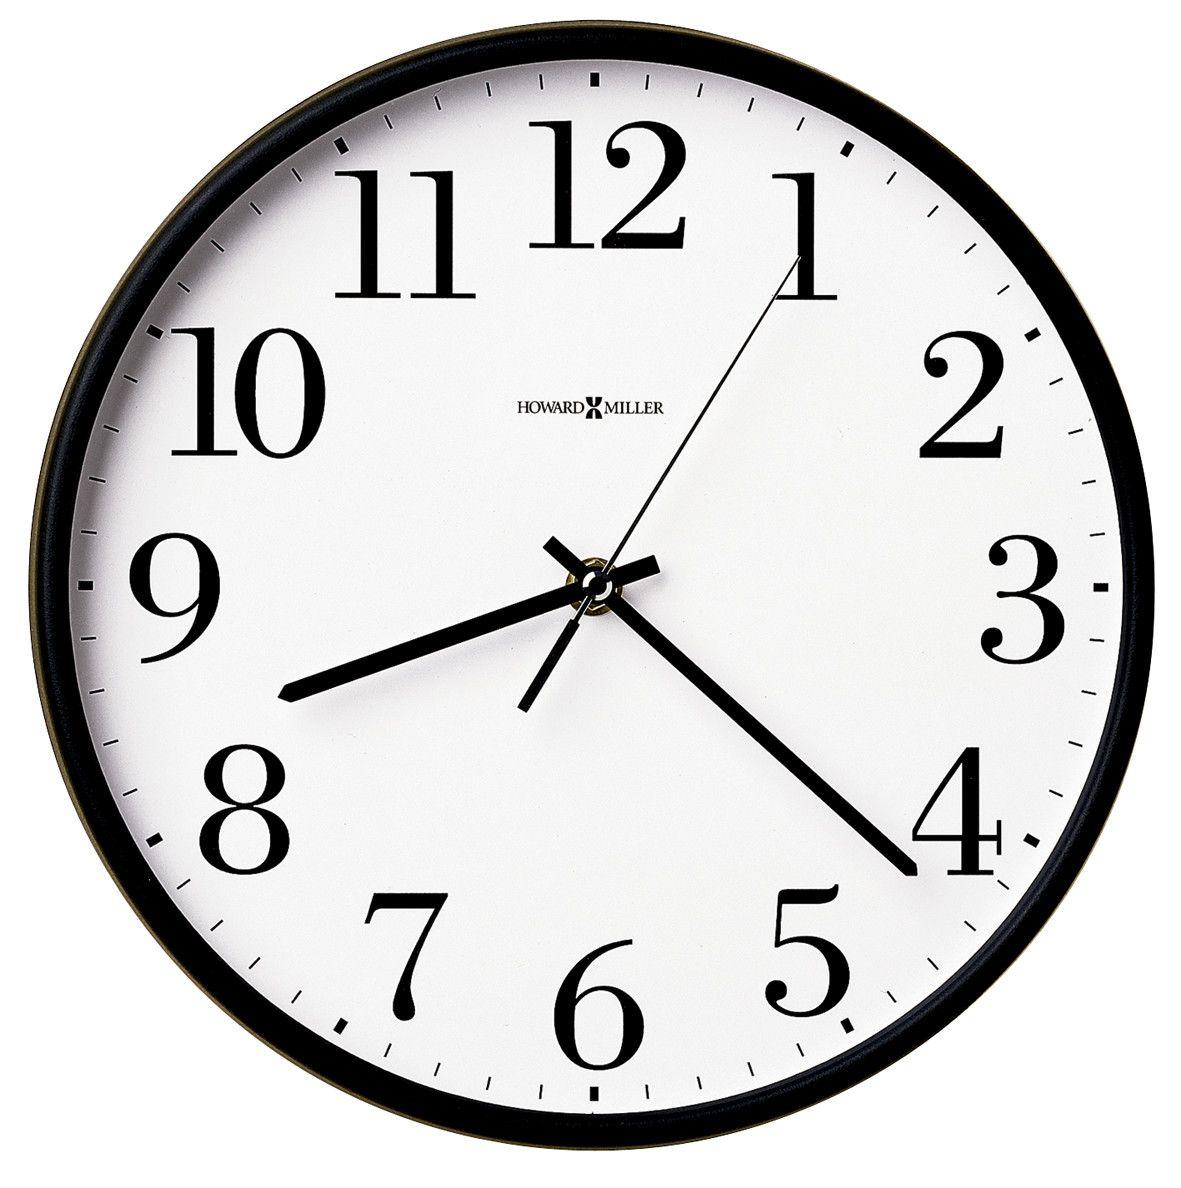 Office Mate 10 5 Wall Clock Office Wall Clock Howard Miller Wall Clock Wall Clock